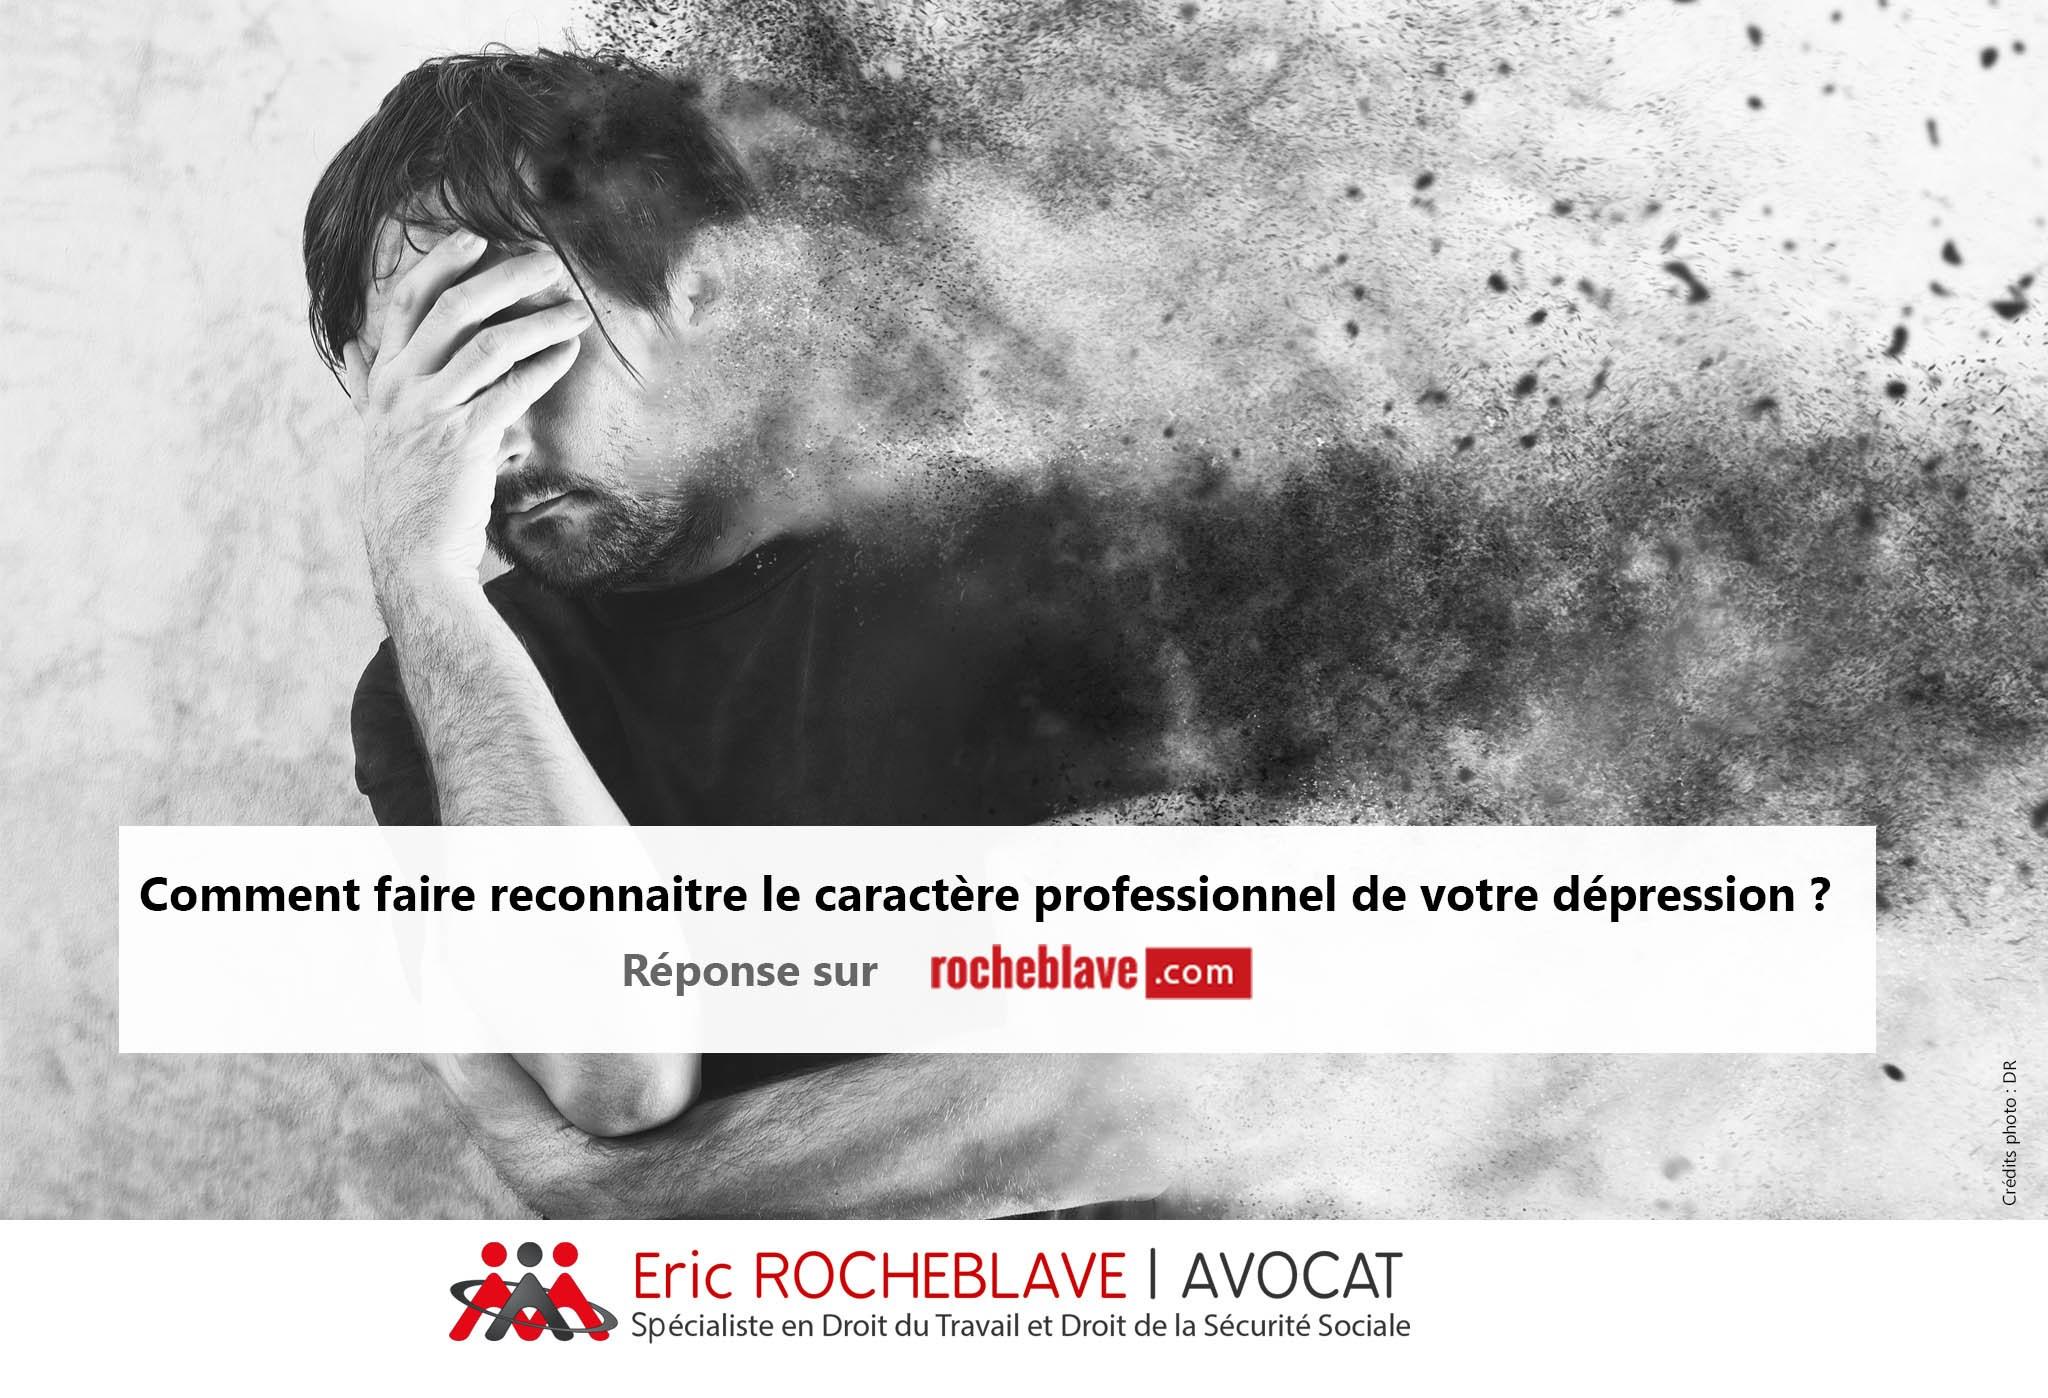 Comment faire reconnaitre le caractère professionnel de votre dépression ?